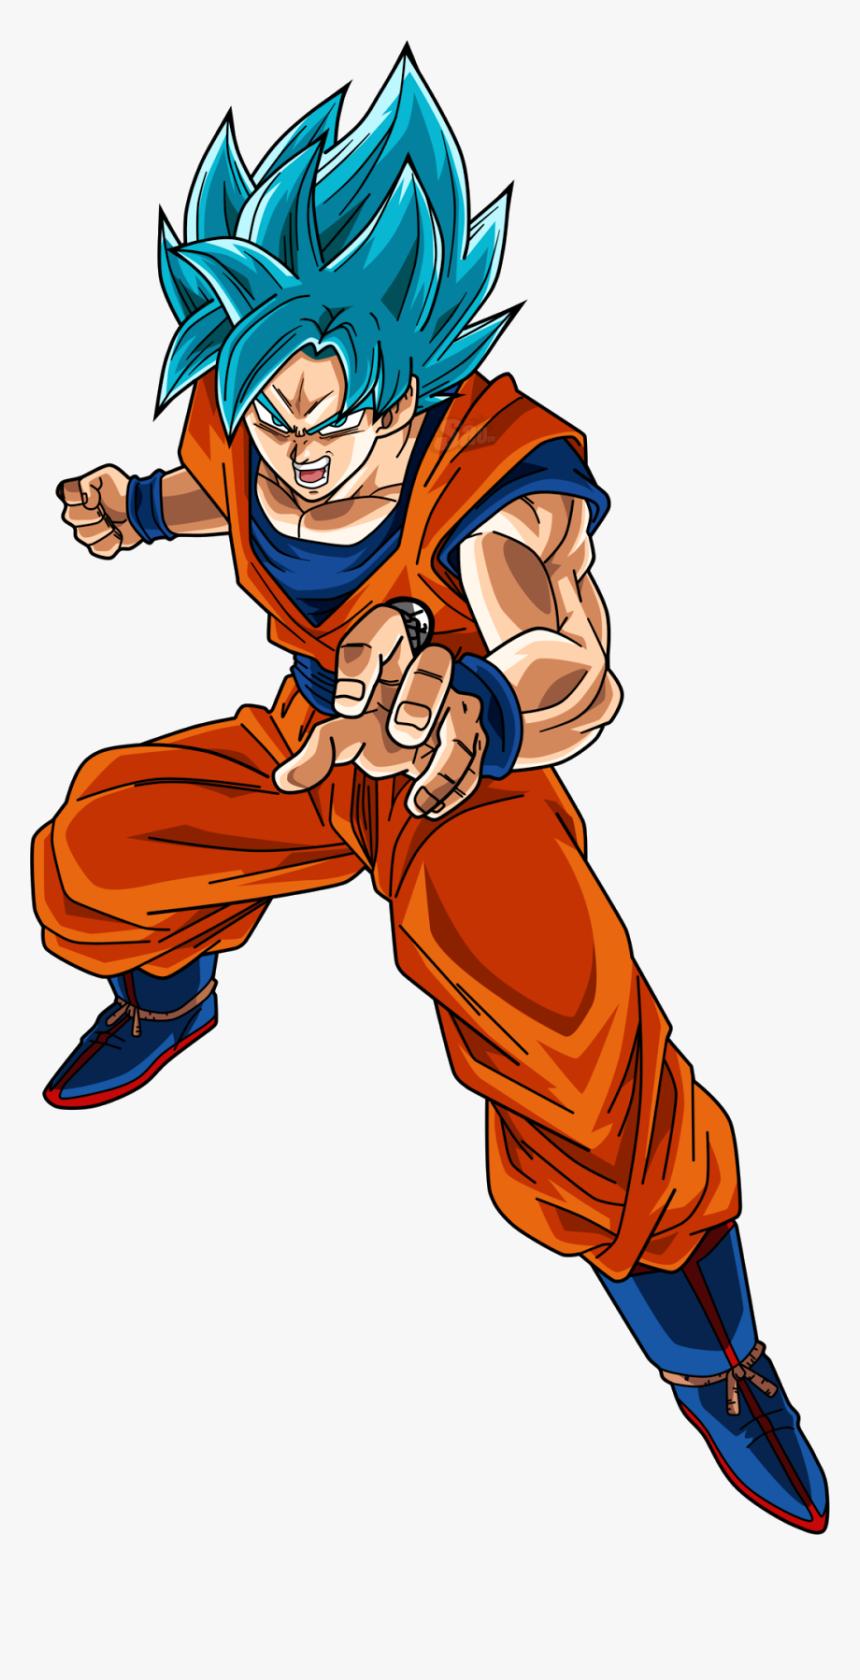 A Audiencia De Dragon Ball Super Continua Estavel E Dbz Goku Ssj Blue Png Transparent Png Is Free Transparent Png Image To E Dragon Ball Goku Super Sayajin